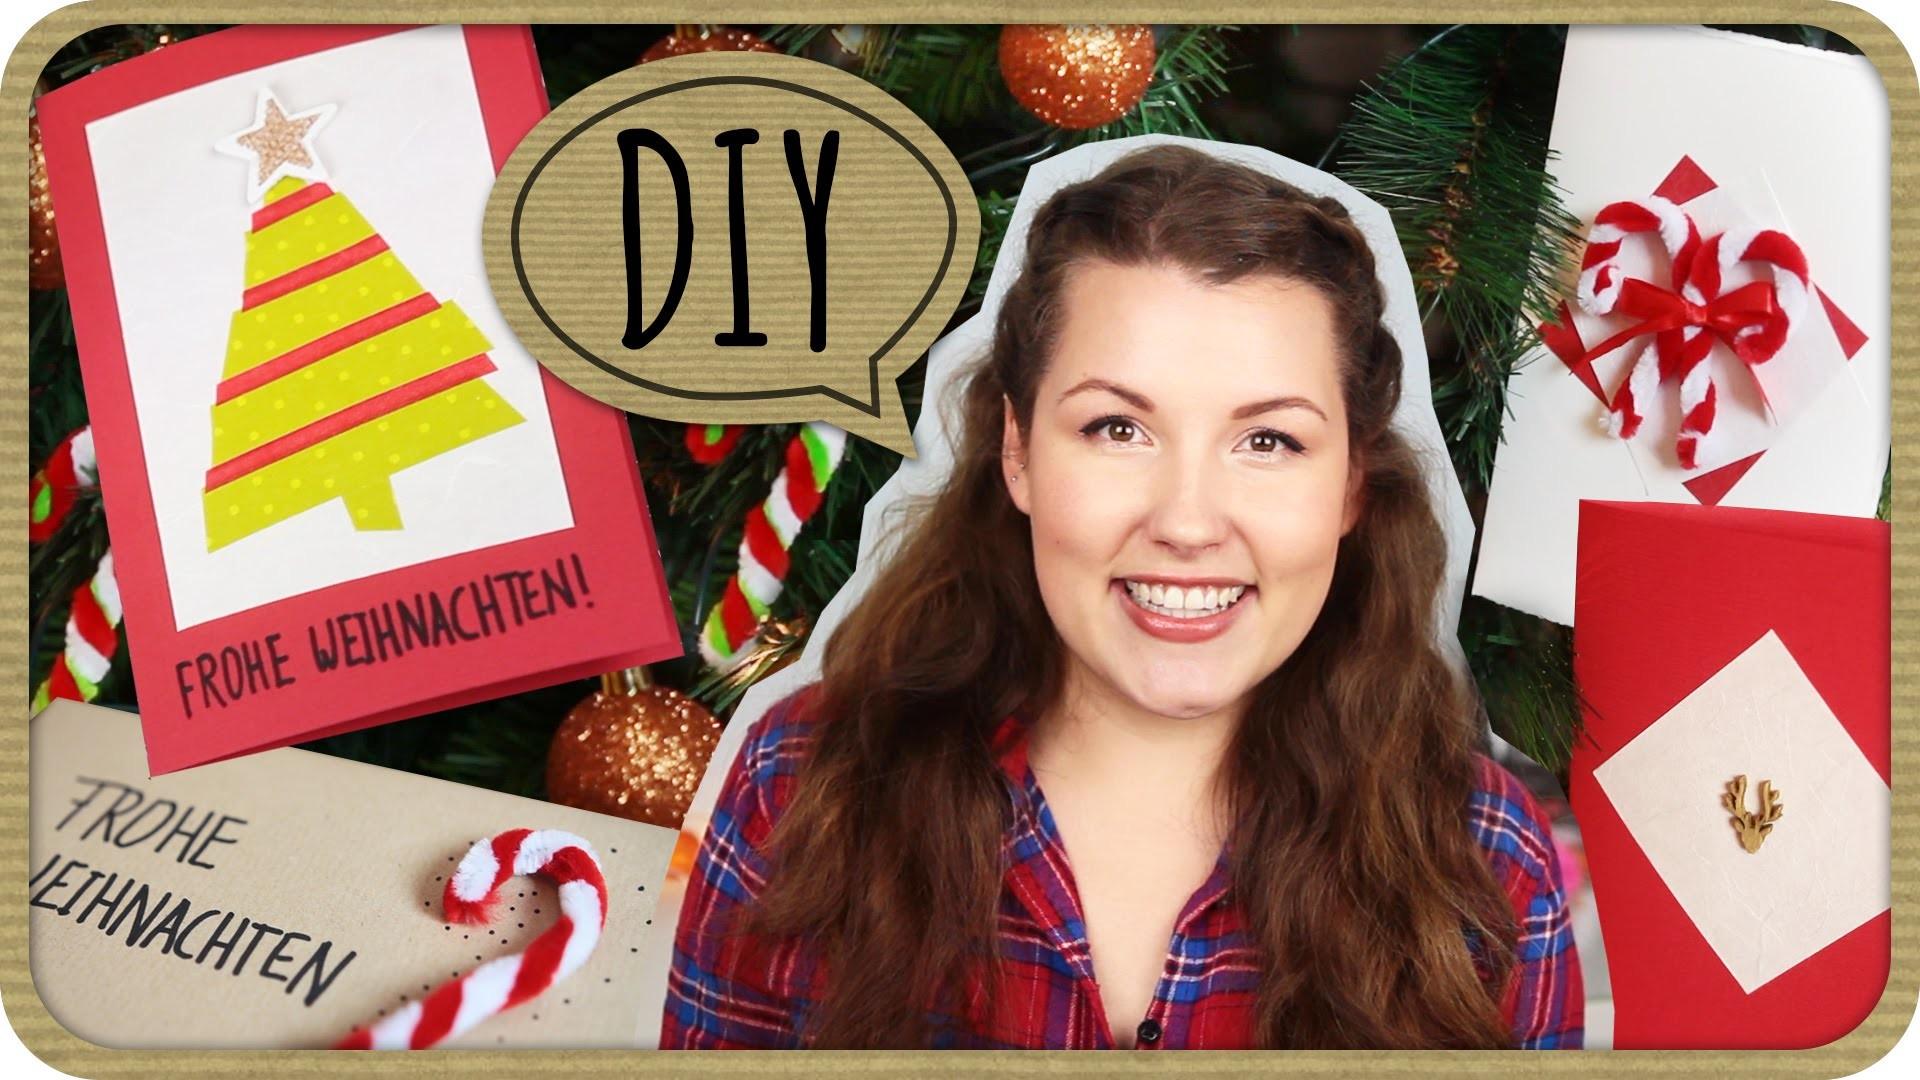 DIY Grußkarten, Verpackungsidee & Deko für Weihnachten II Sissi